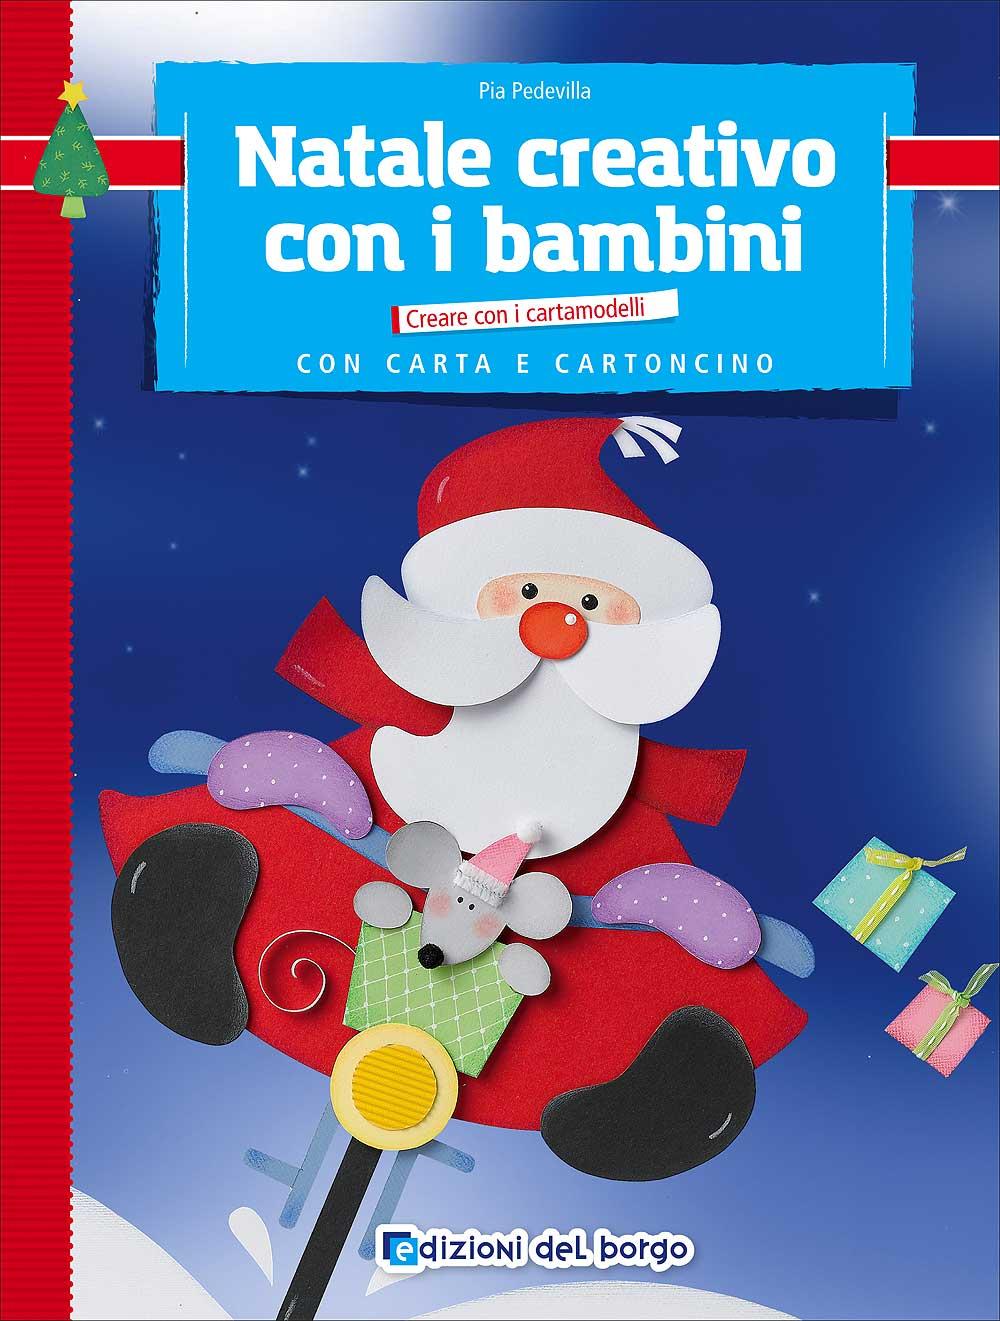 Natale creativo con i bambini con carta e cartoncino